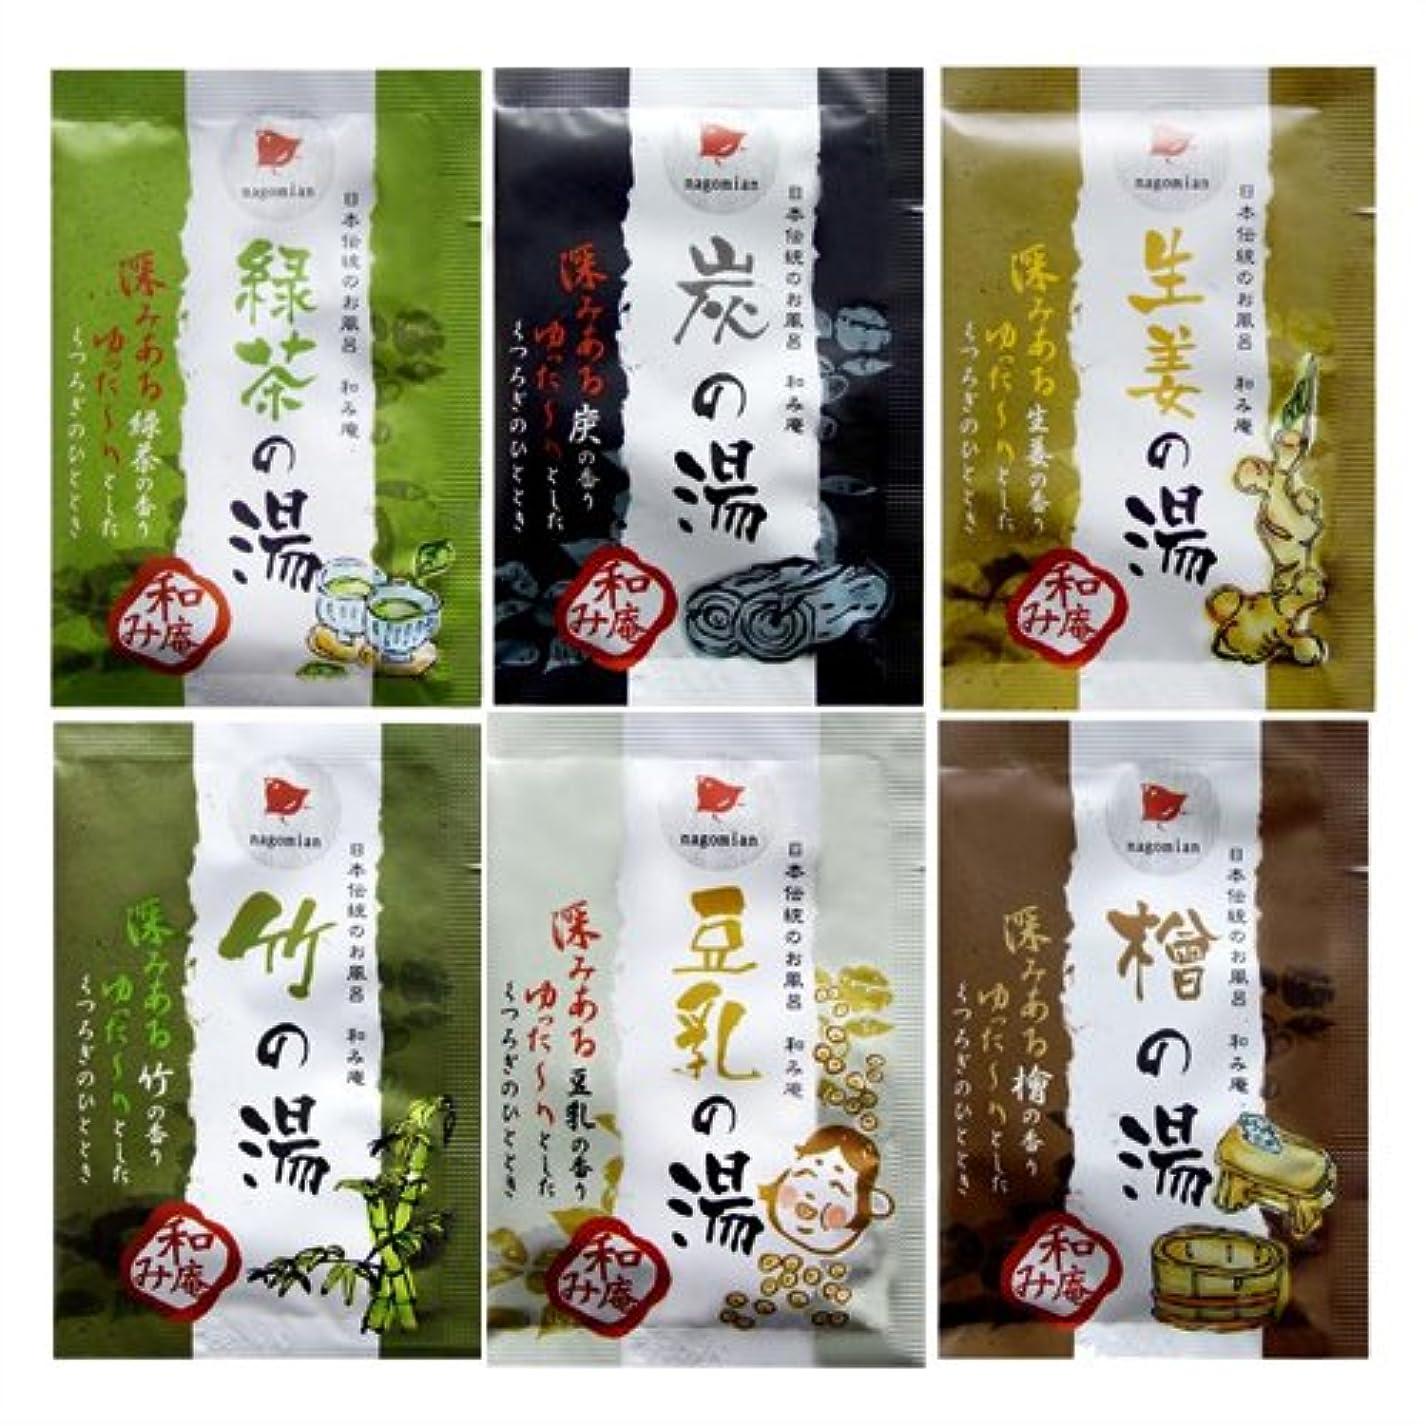 心臓優遇トマト日本伝統のお風呂 和み庵 6種類セット